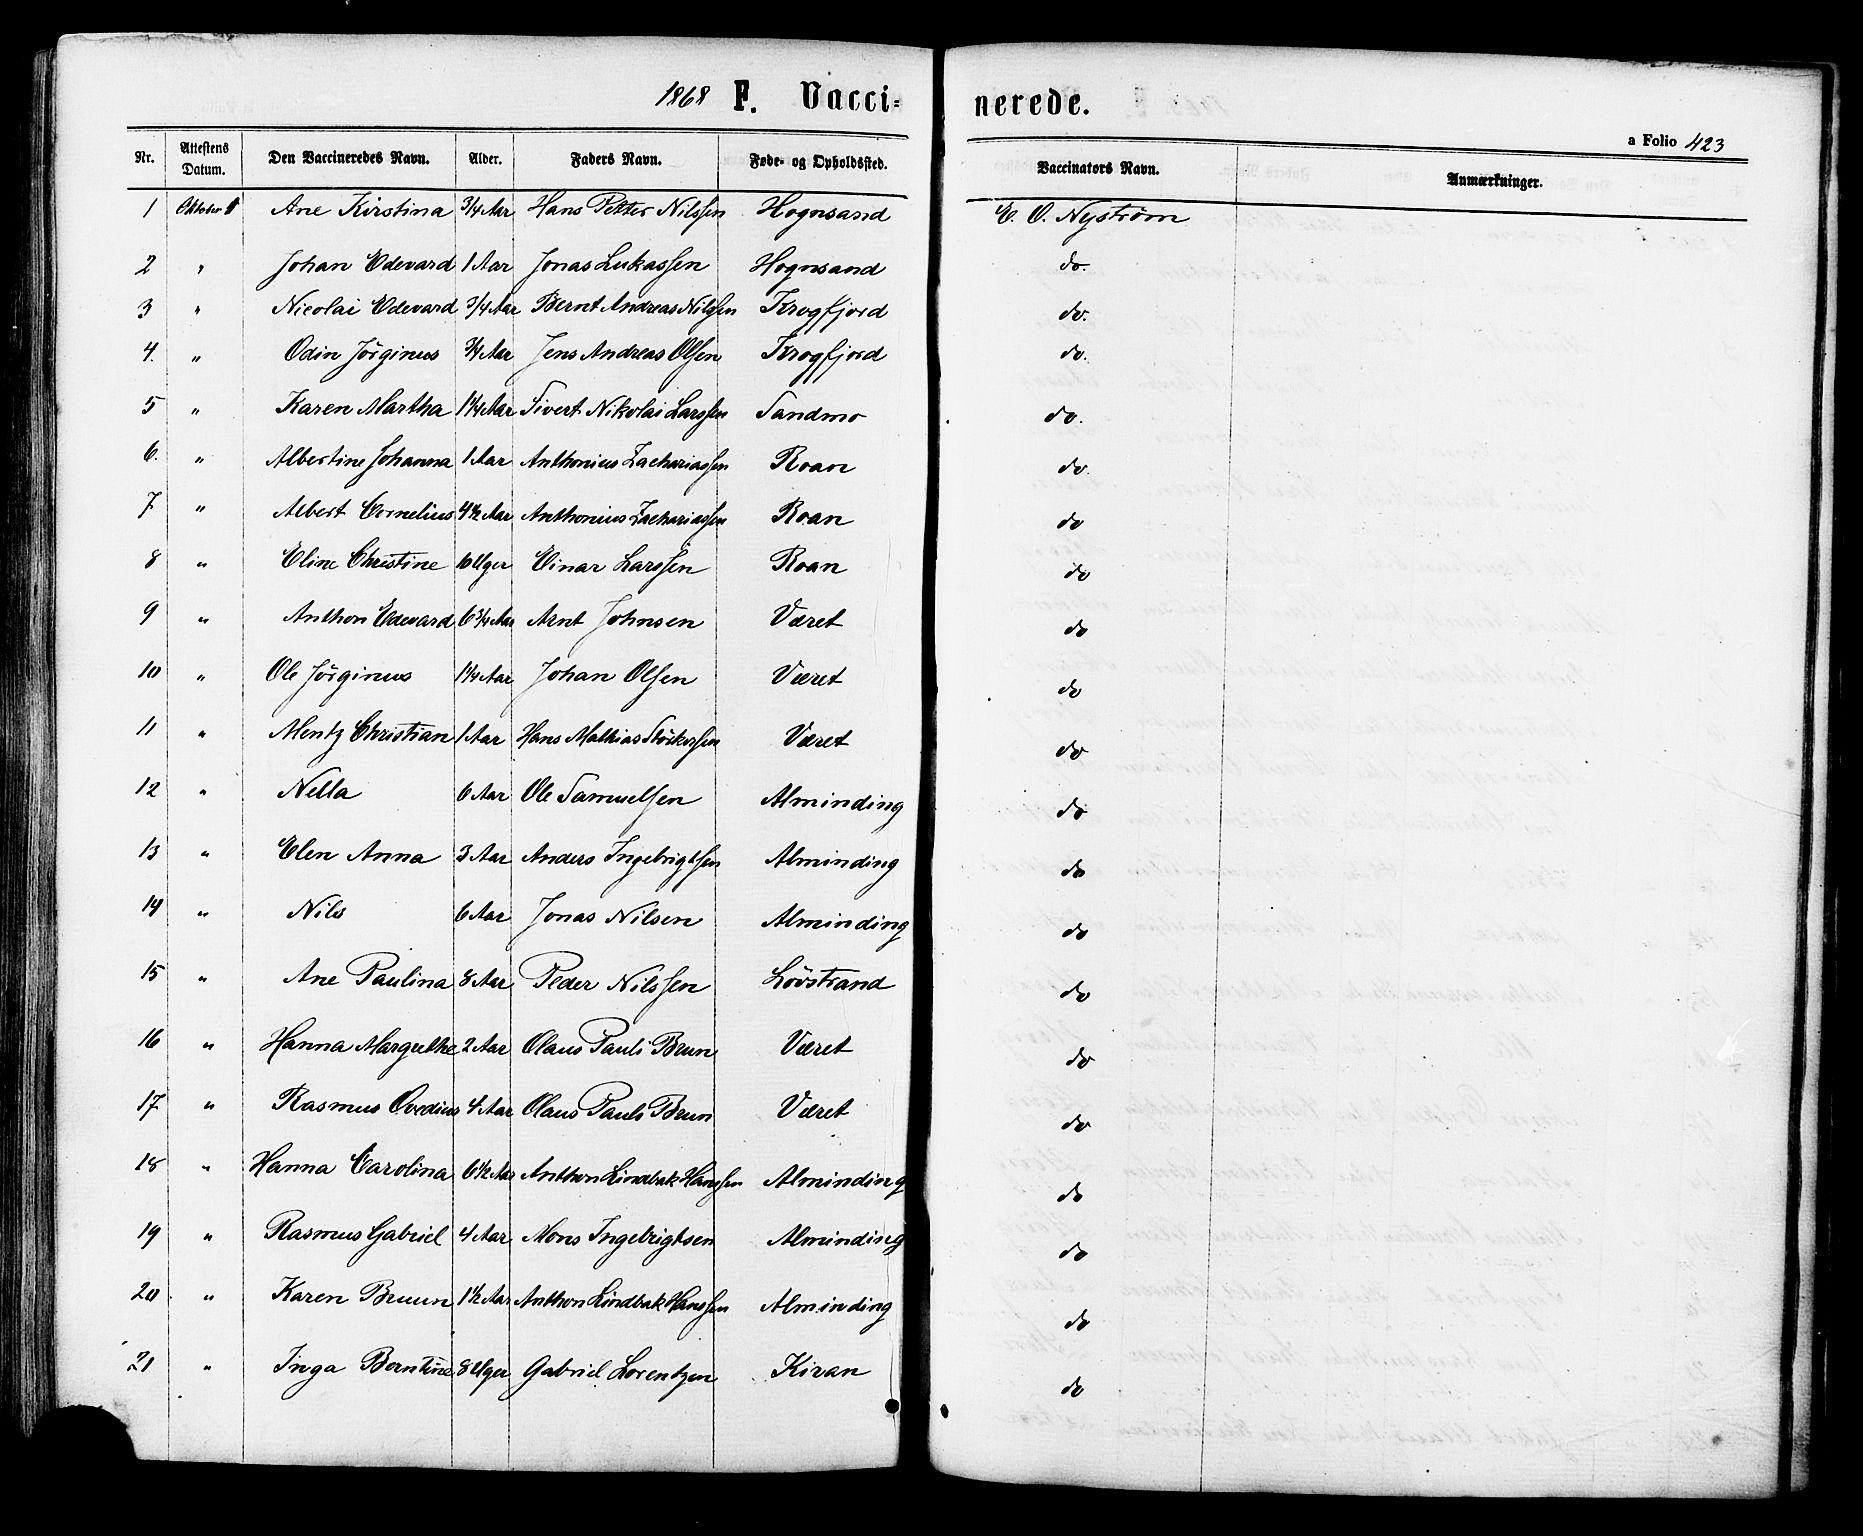 SAT, Ministerialprotokoller, klokkerbøker og fødselsregistre - Sør-Trøndelag, 657/L0706: Ministerialbok nr. 657A07, 1867-1878, s. 423